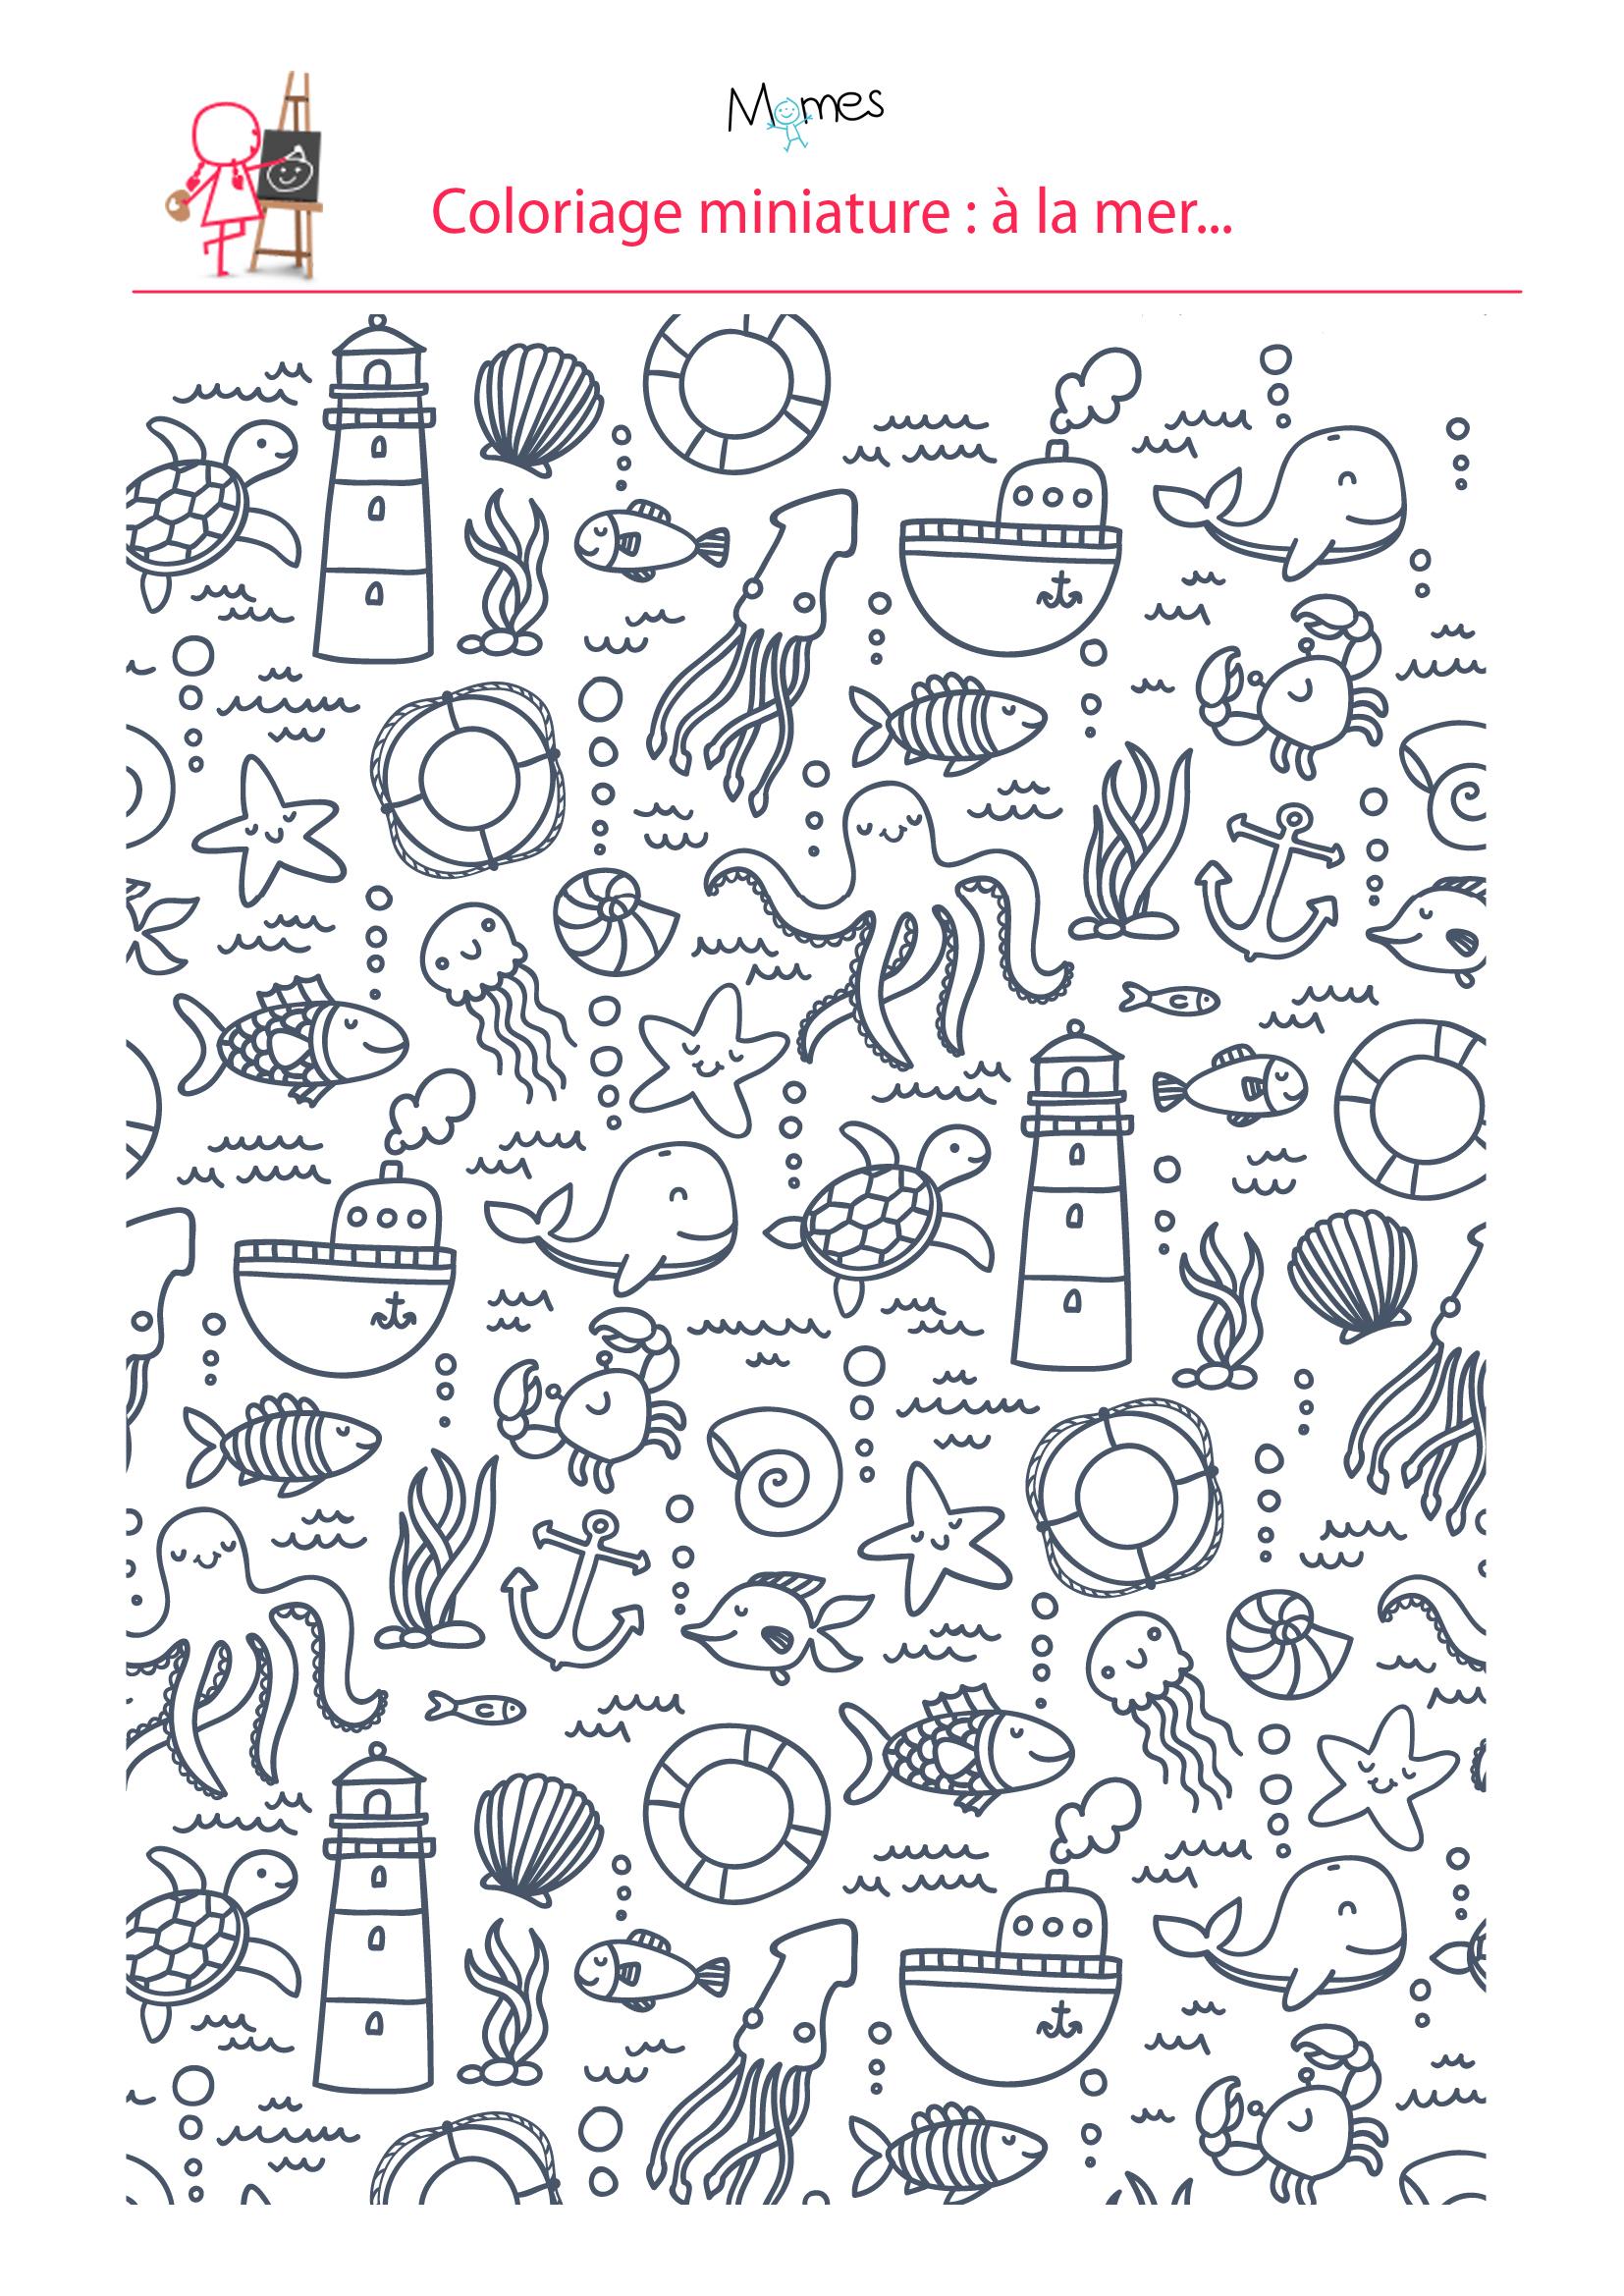 Coloriage : À La Mer - Momes avec Coloriage Sur La Mer À Imprimer